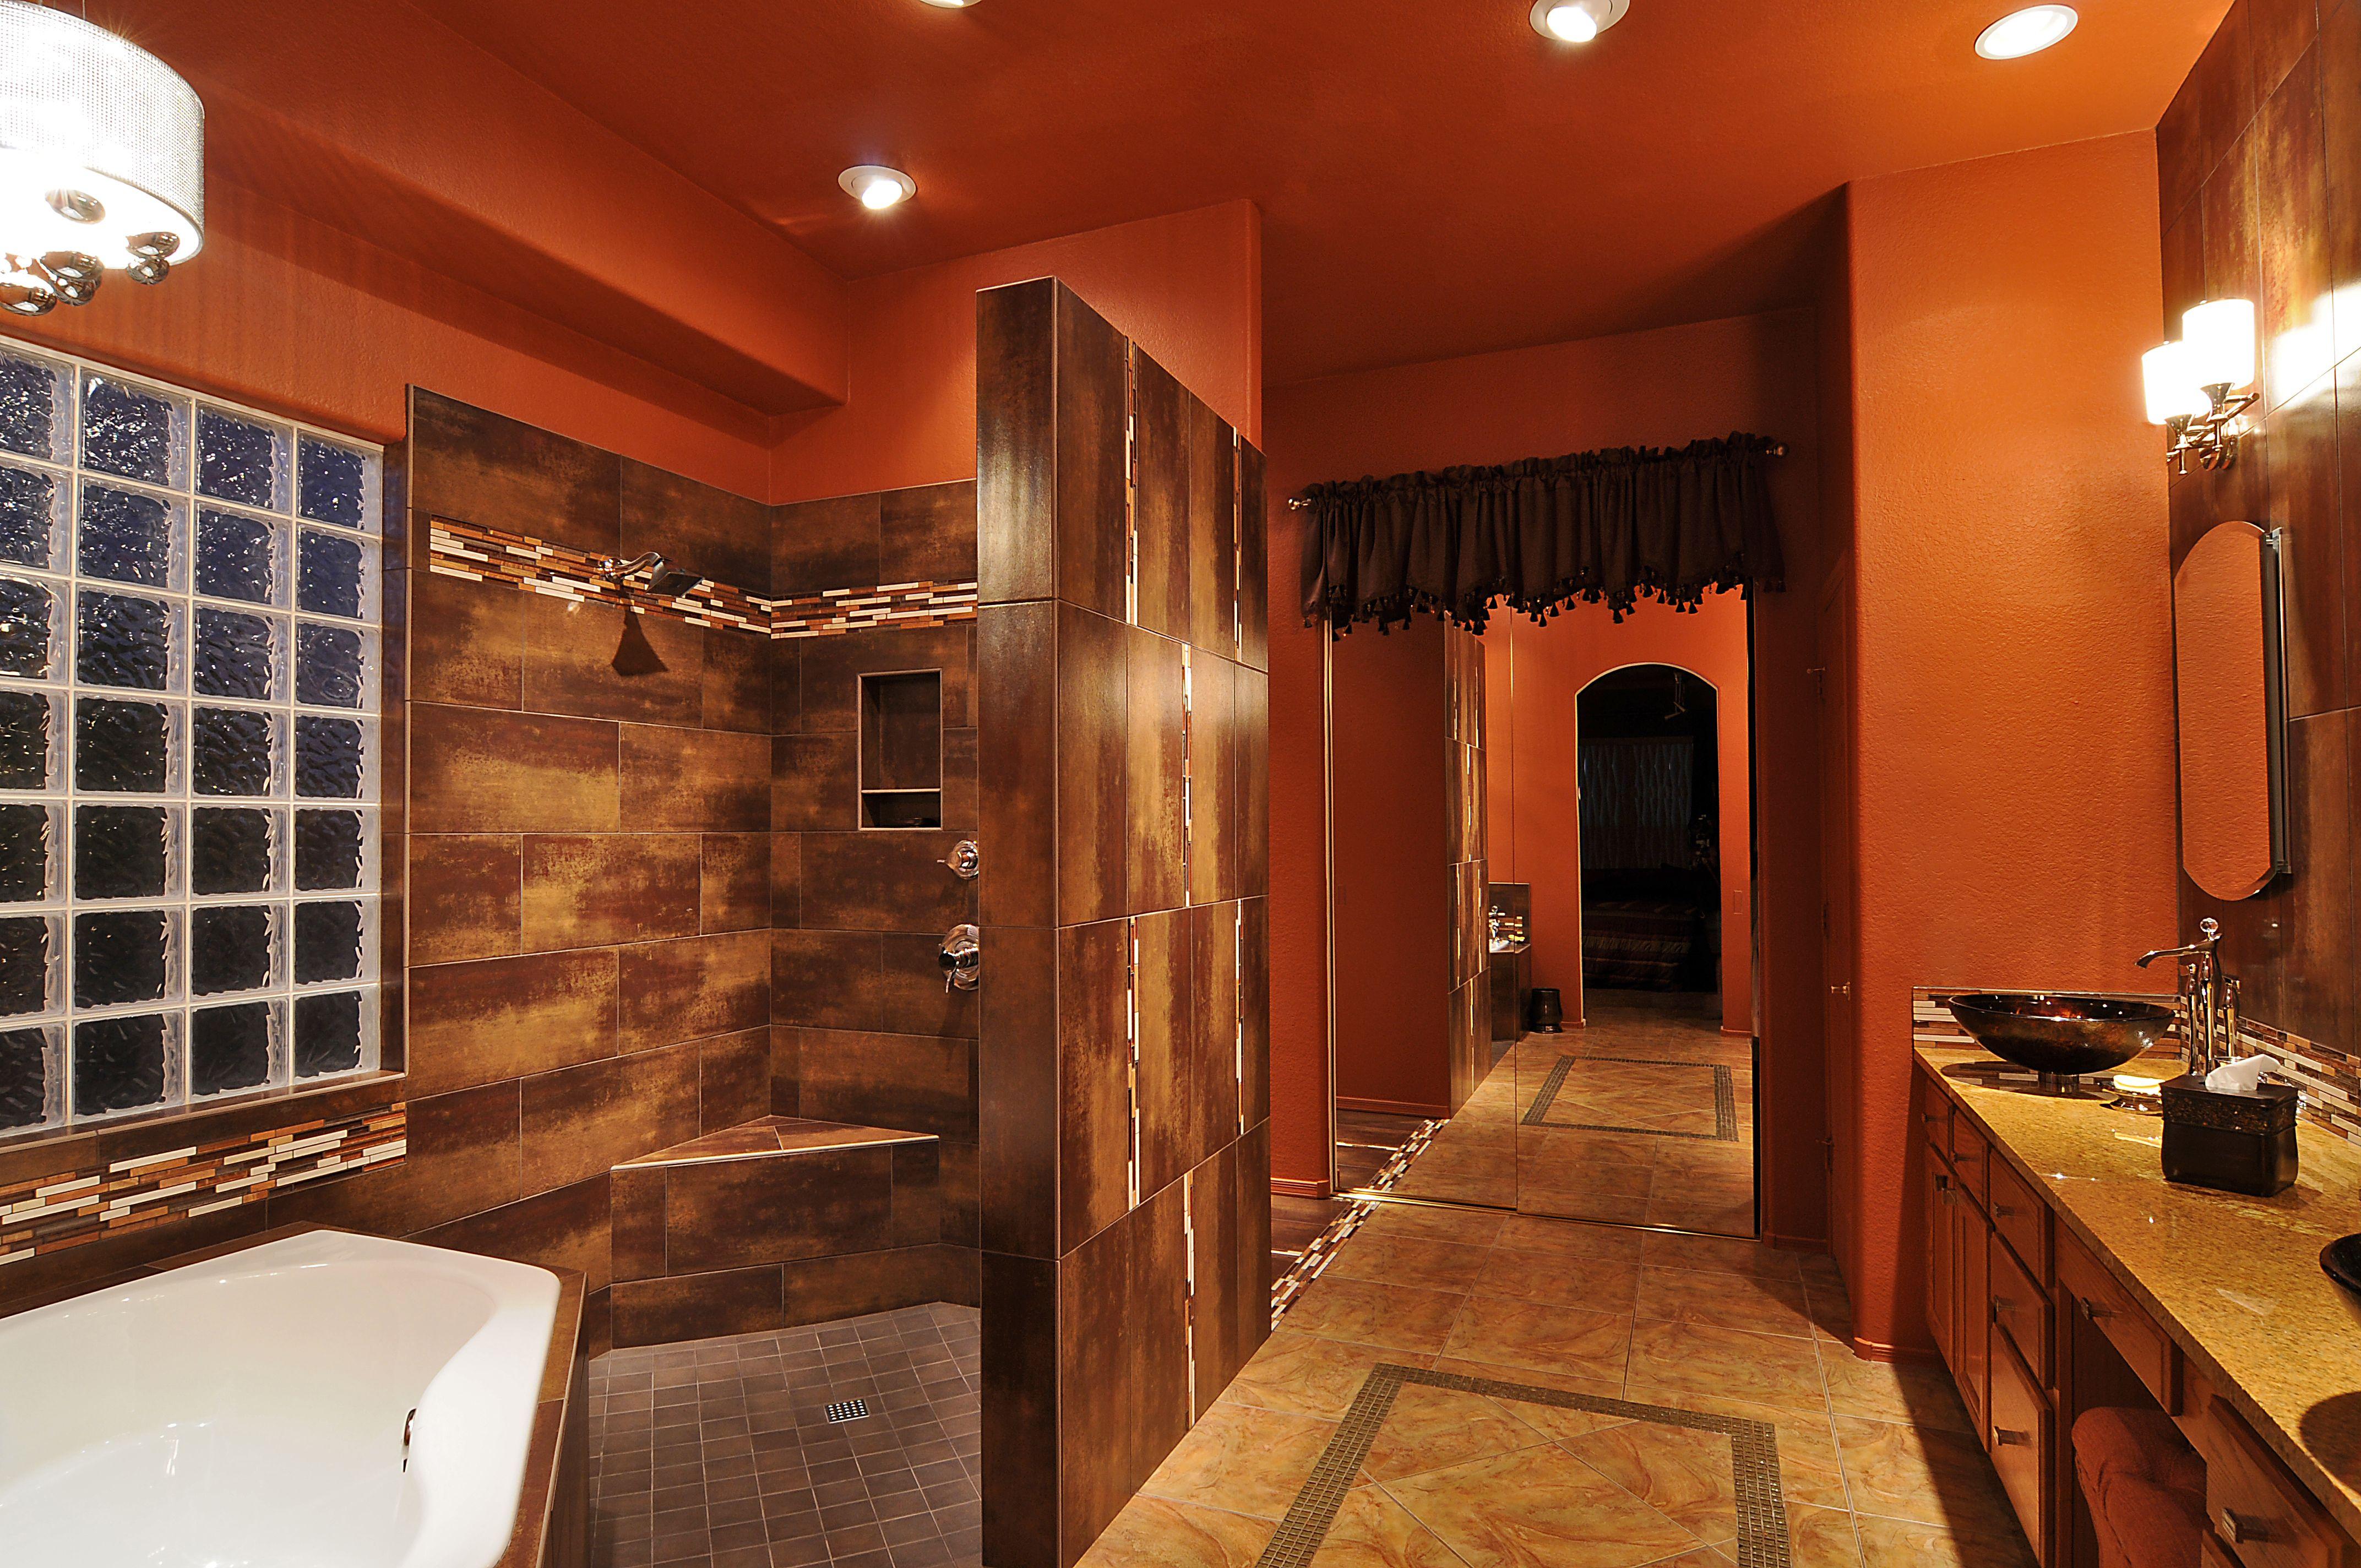 Bathroom Remodel by Custom Creative Remodeling, Scottsdale ...